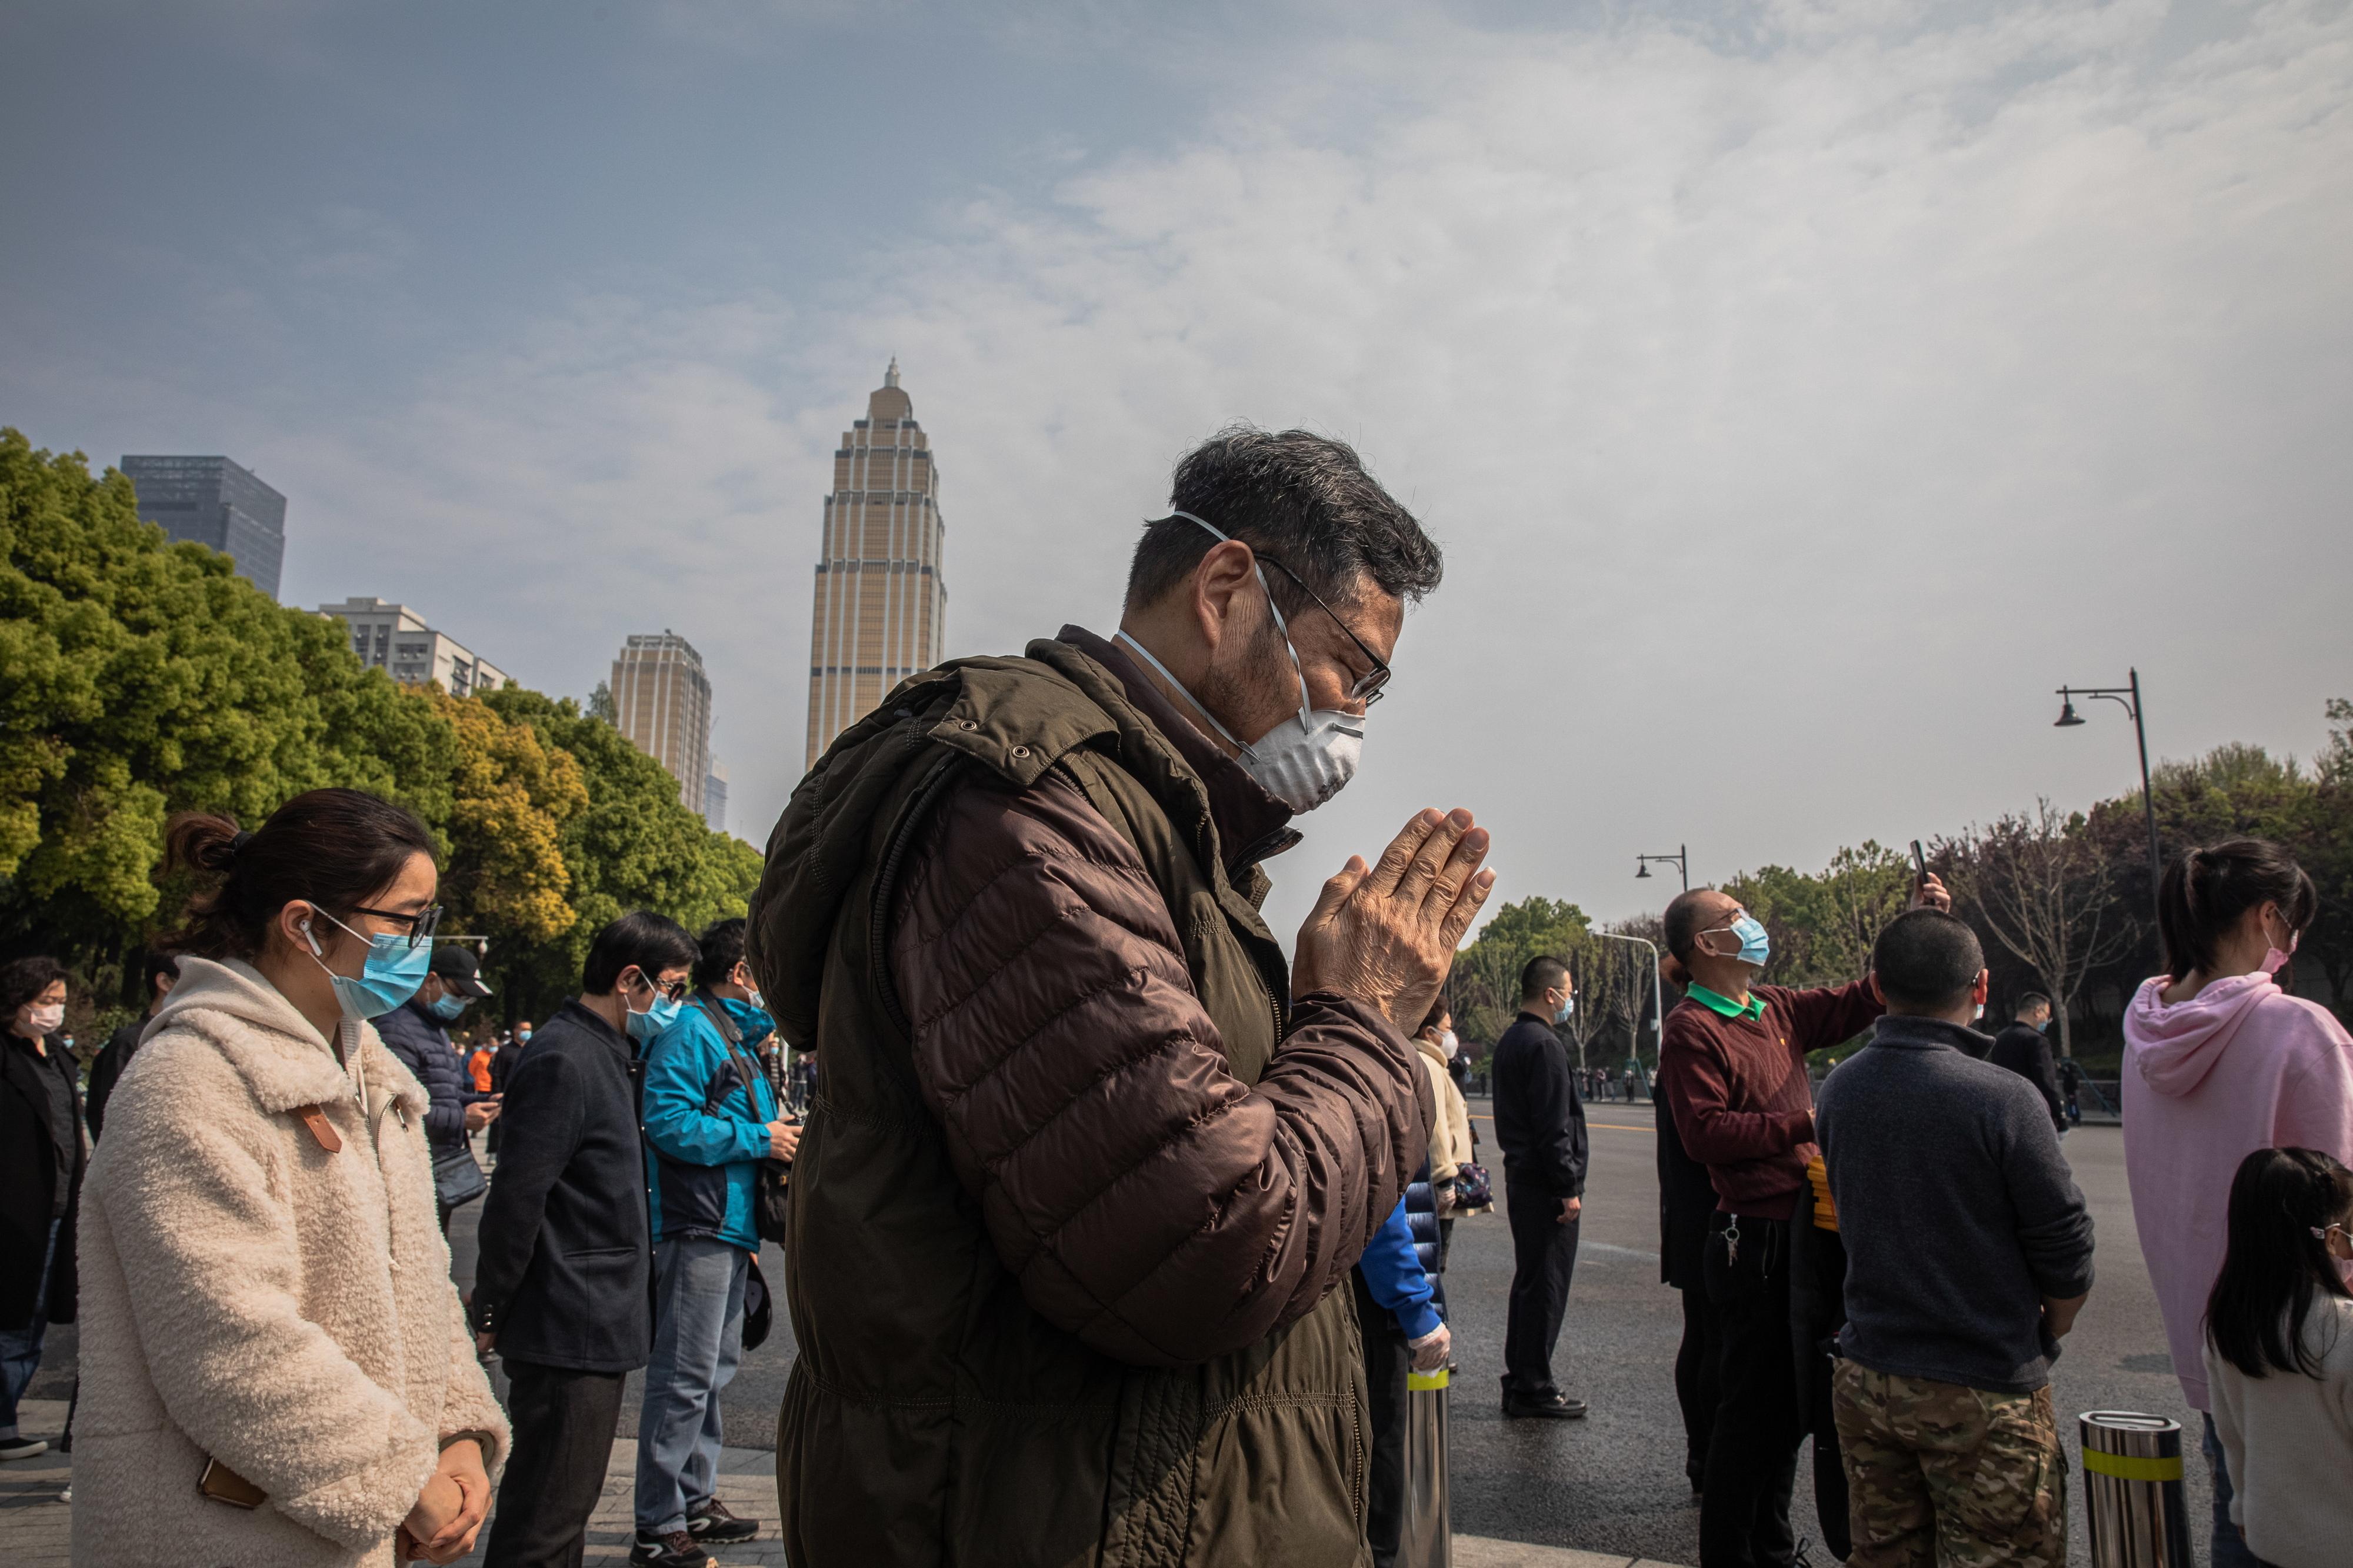 Chineses pararam  três minutos em homenagem às vítimas da pandemia